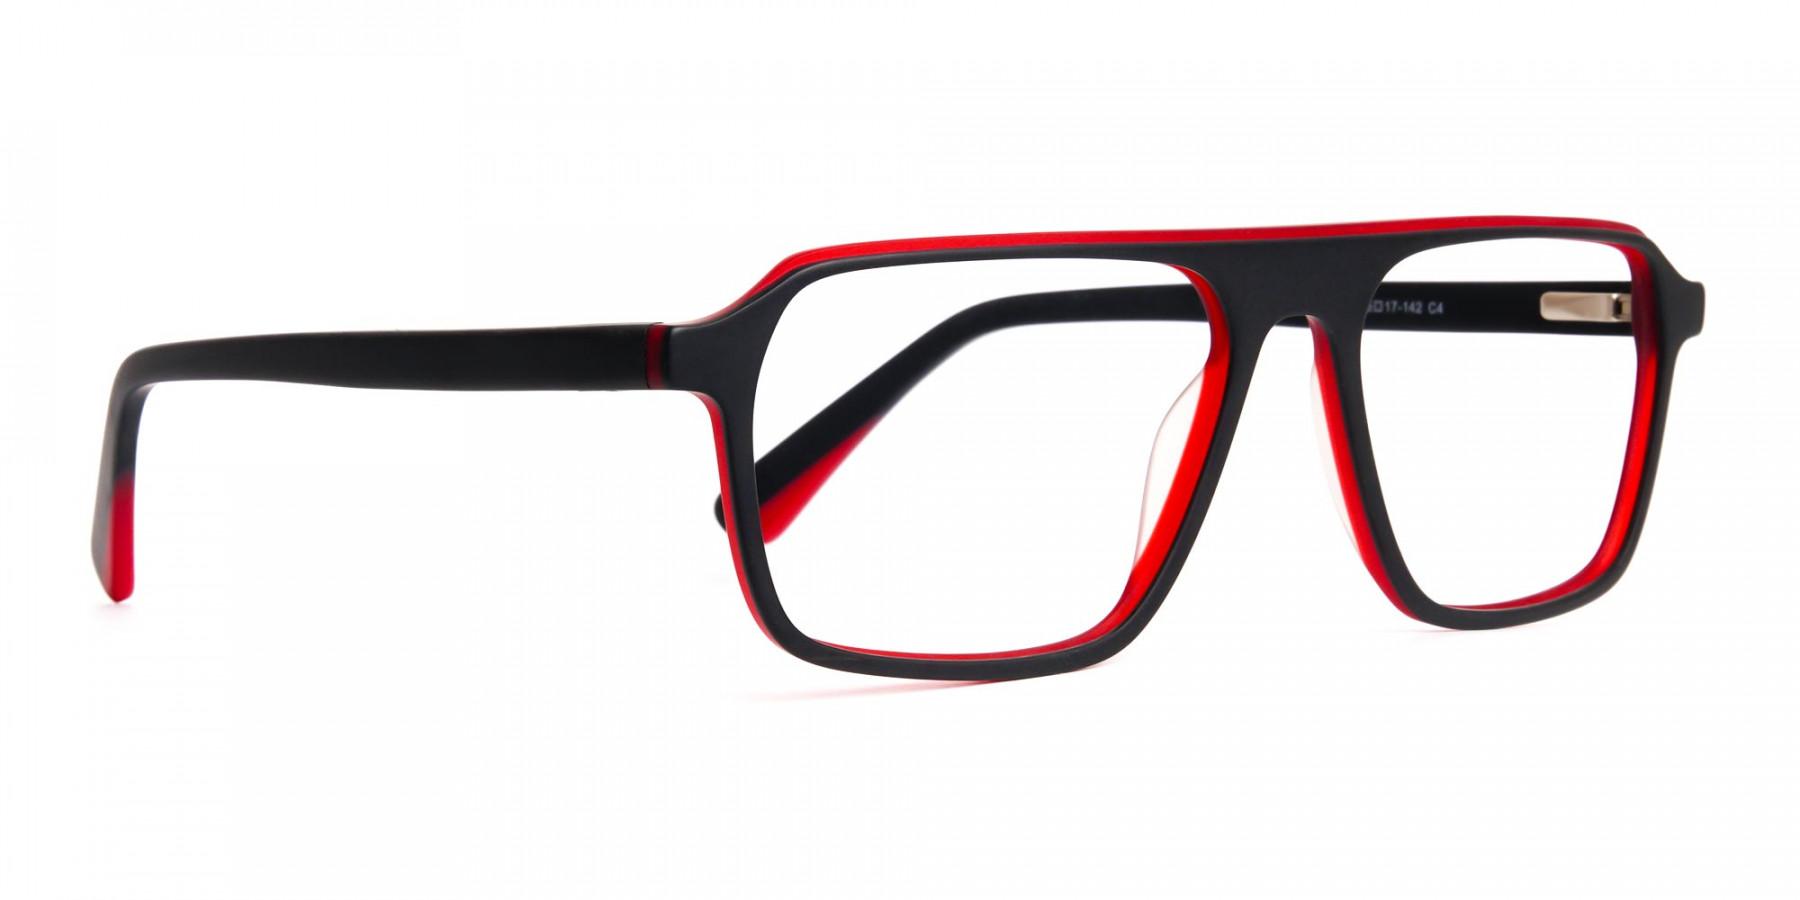 Black-and-Red-Rectangular-Full-Rim-Glasses-frames-1